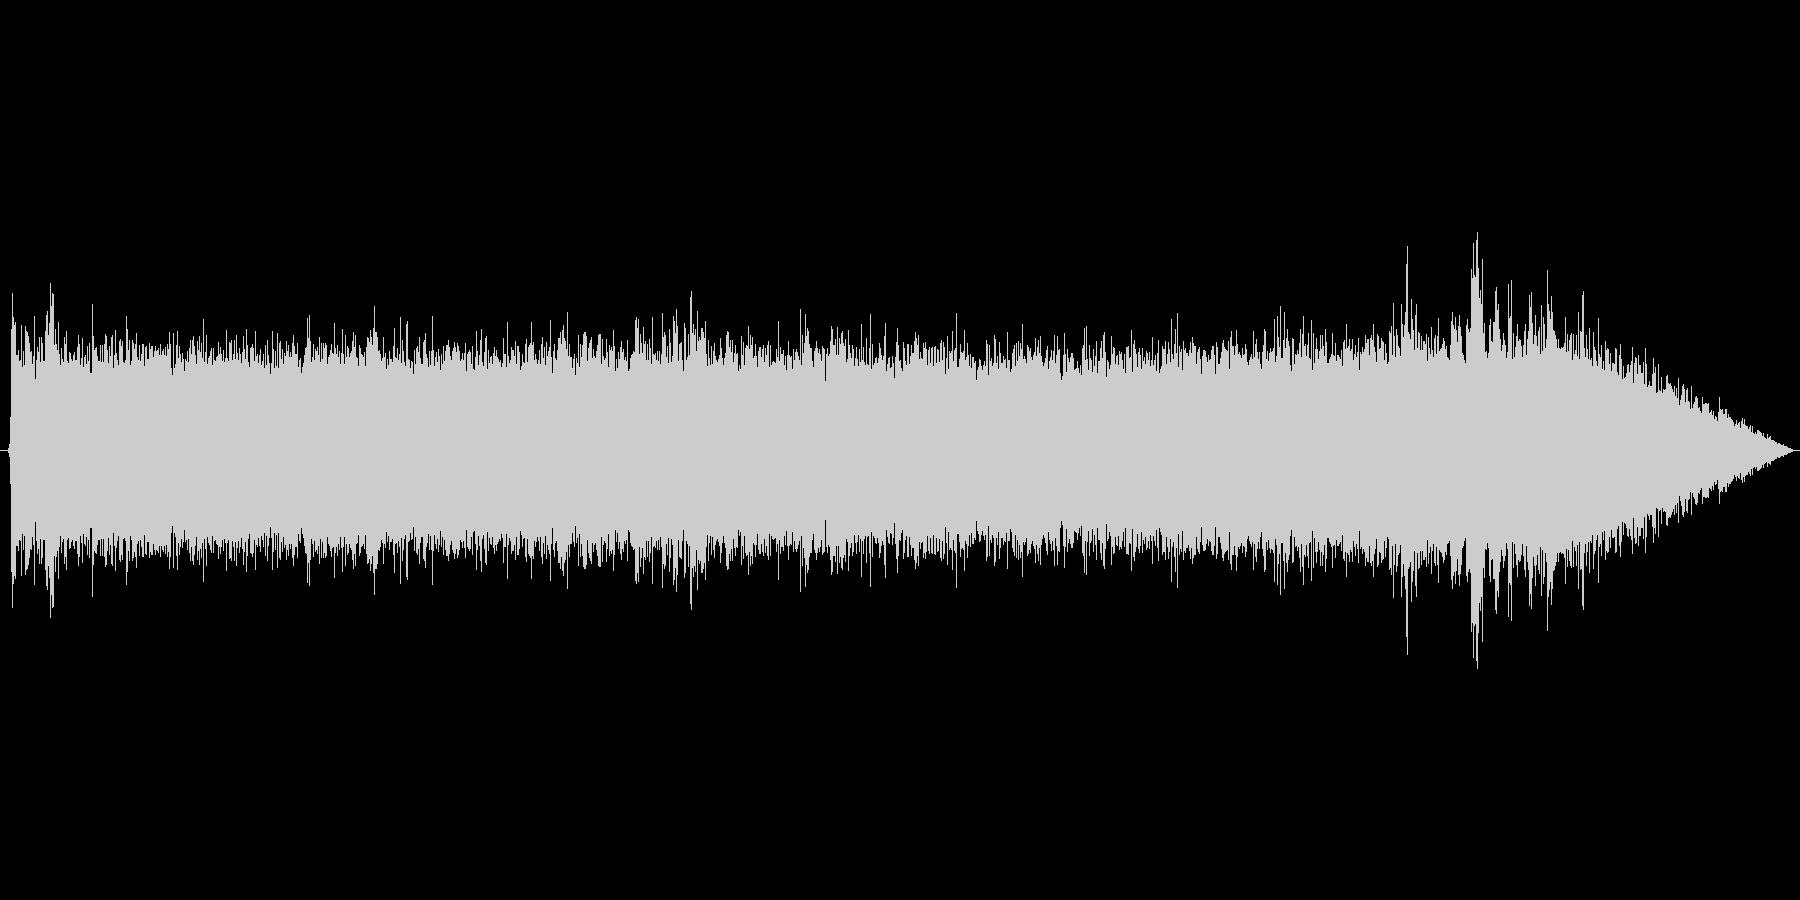 山の水辺の環境音 の未再生の波形